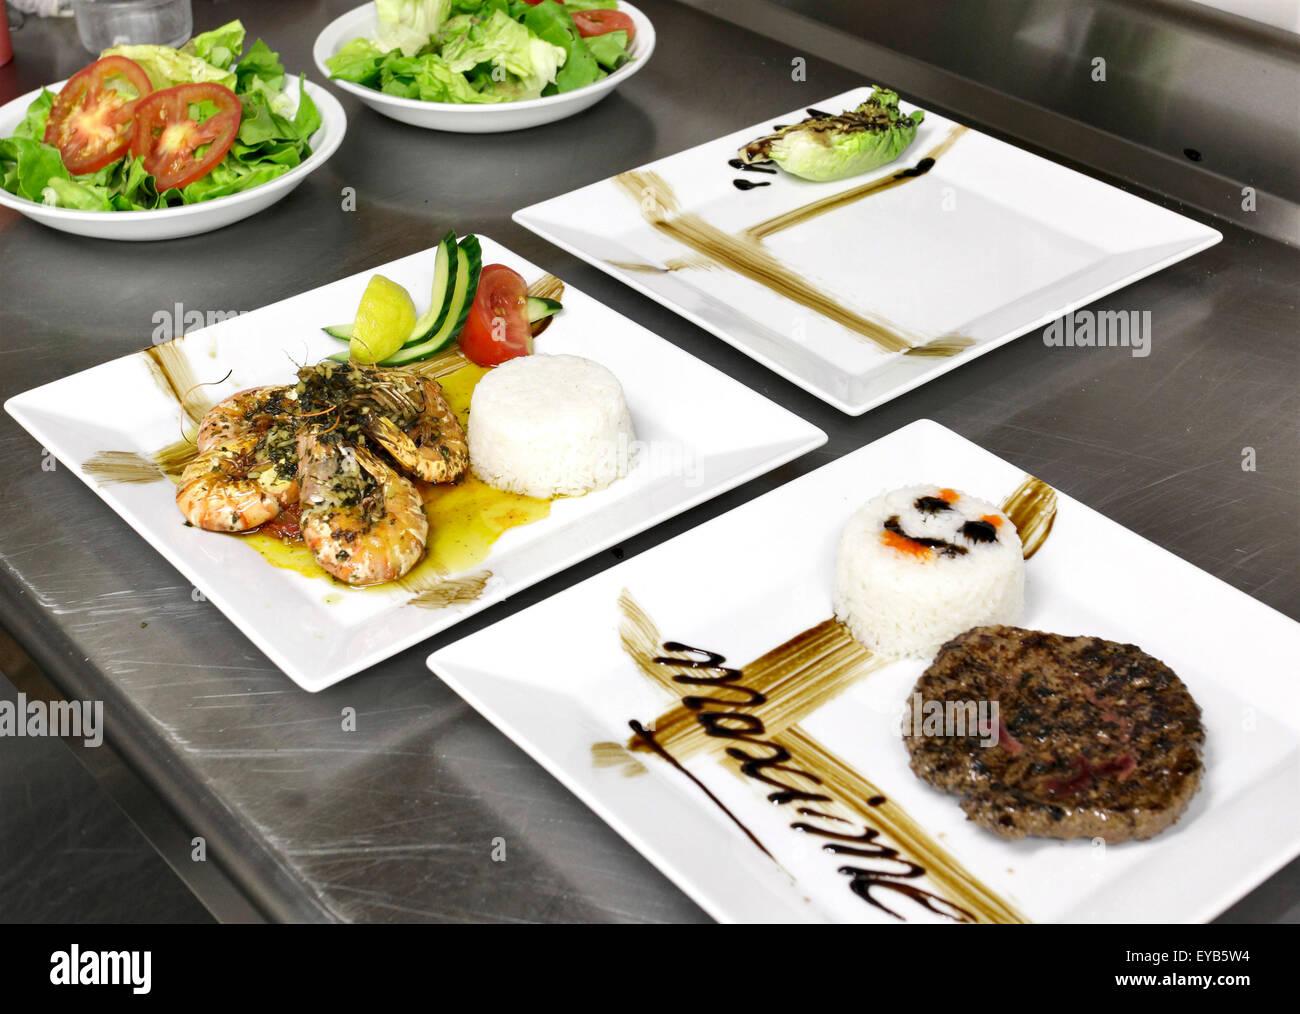 Comida italiana: camarones, verduras y burger en plato cuadrado Imagen De Stock